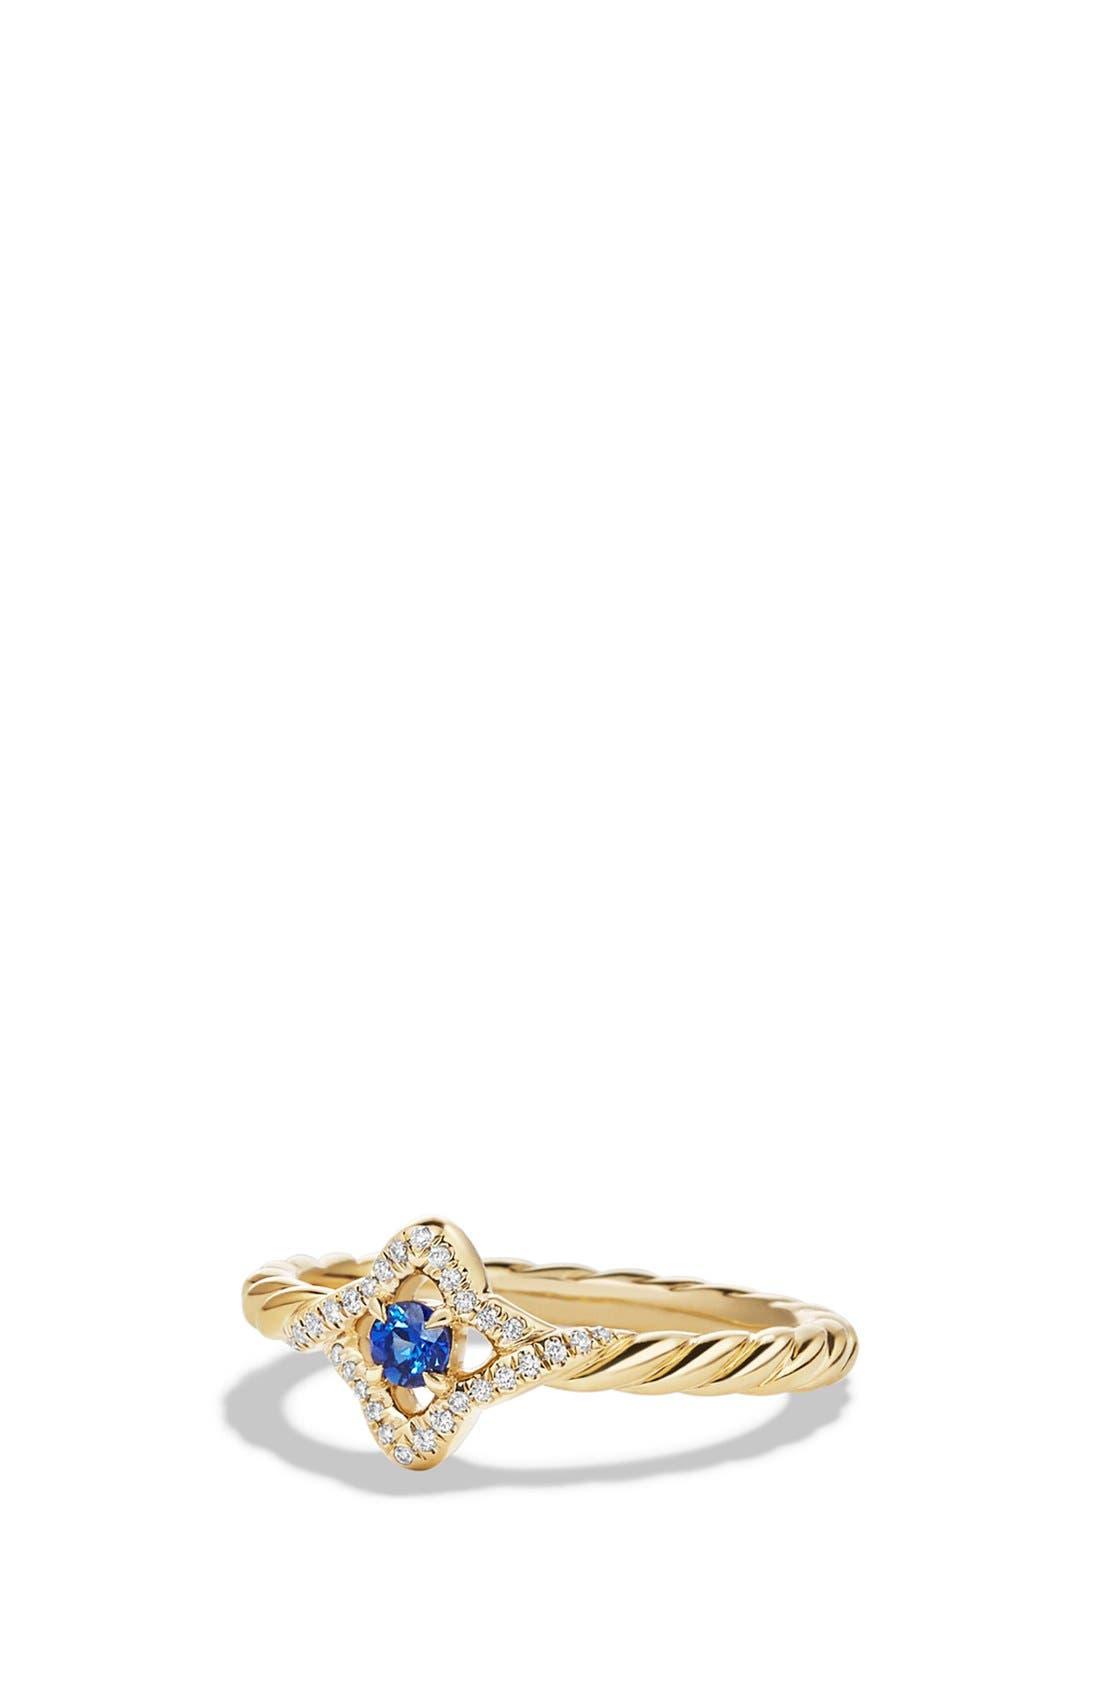 Main Image - David Yurman 'Venetial Quatrefoil' Ring in Gold